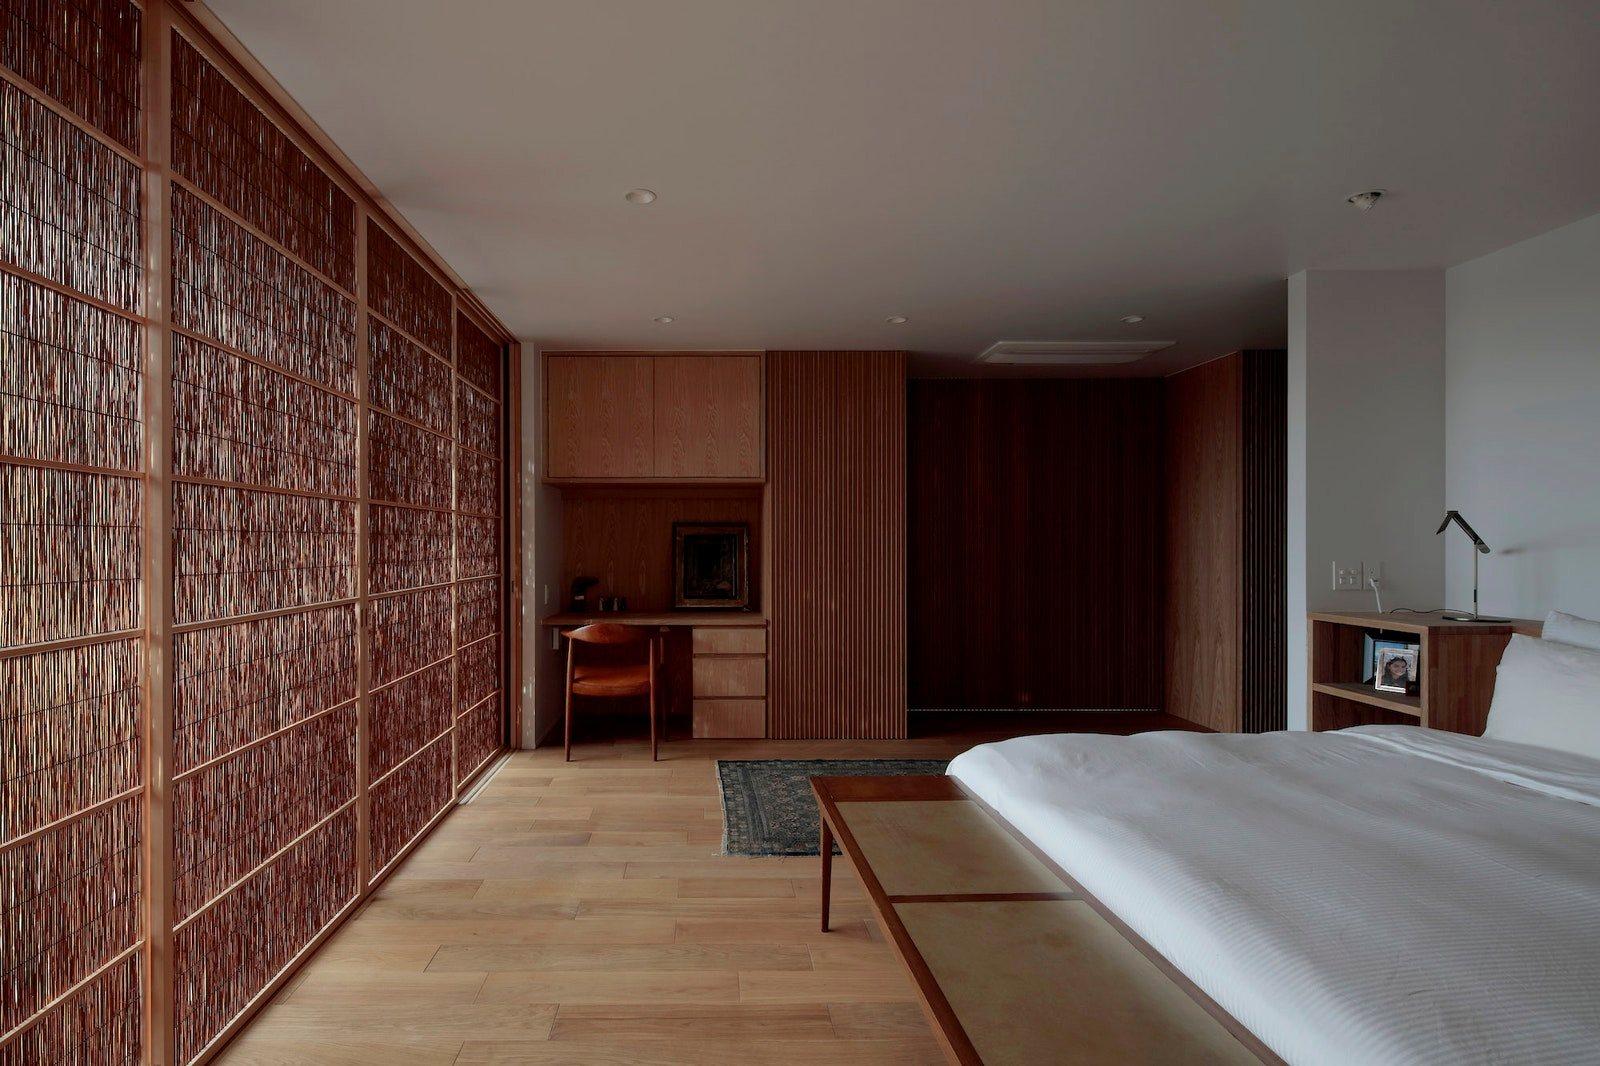 Nét truyền thống của kiến trúc Nhật Bản